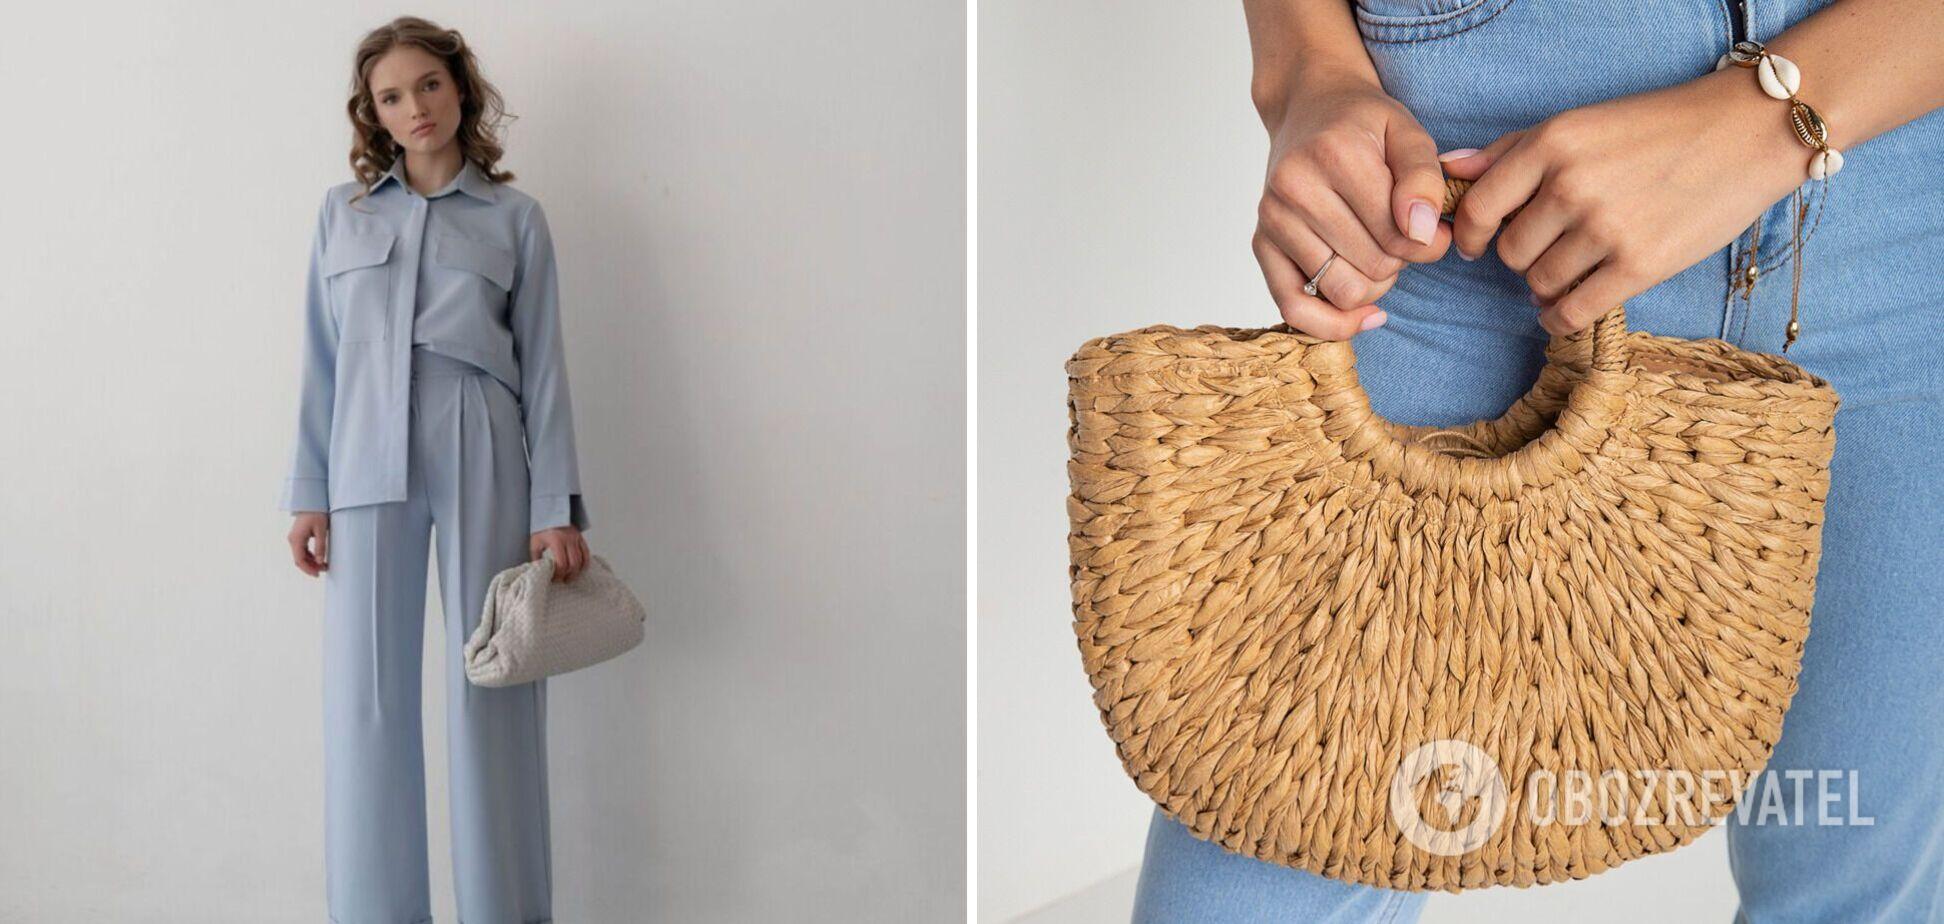 Костюмы и плетеные сумки будут на пике популярности в летнем гардеробе 2021